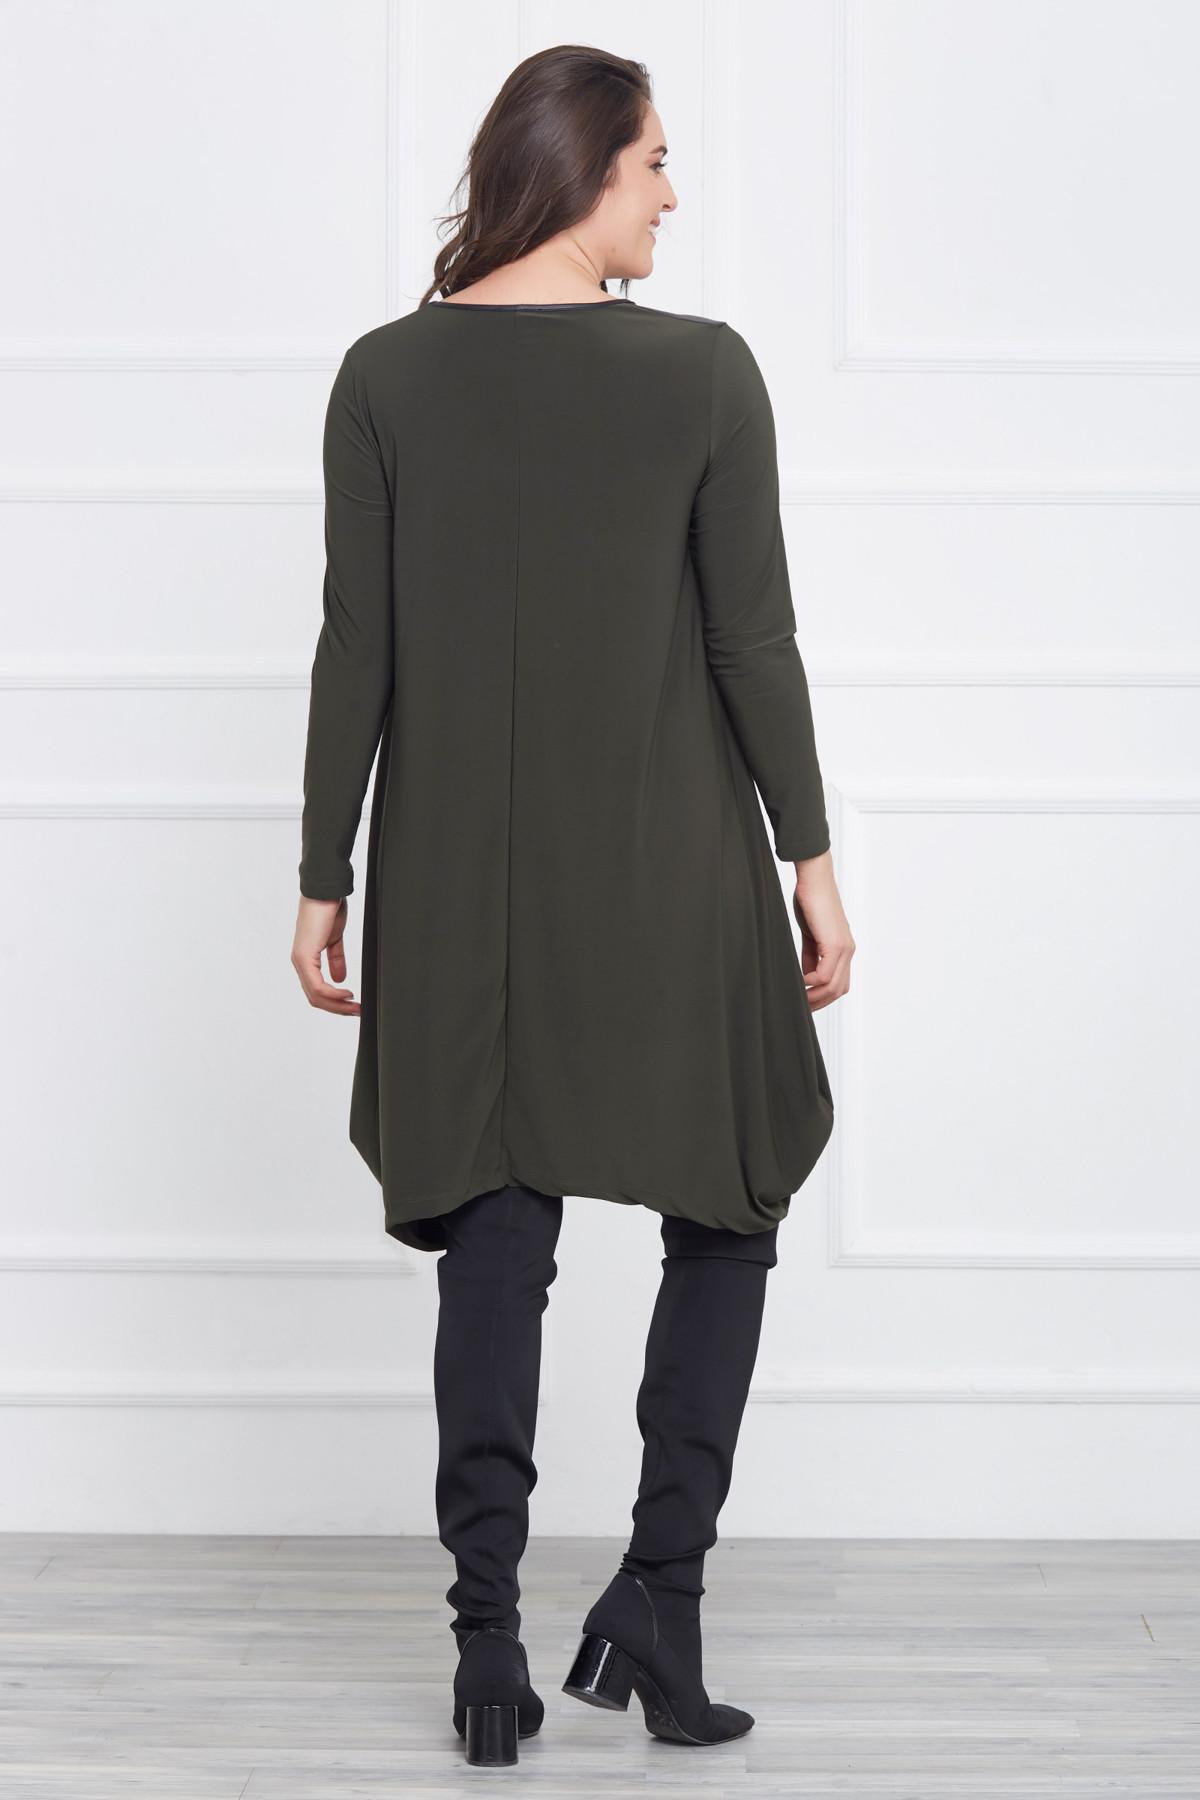 Laranor Kadın Yeşil Deri Detaylı Asimetrik Kesim Elbise 17LB9023 2